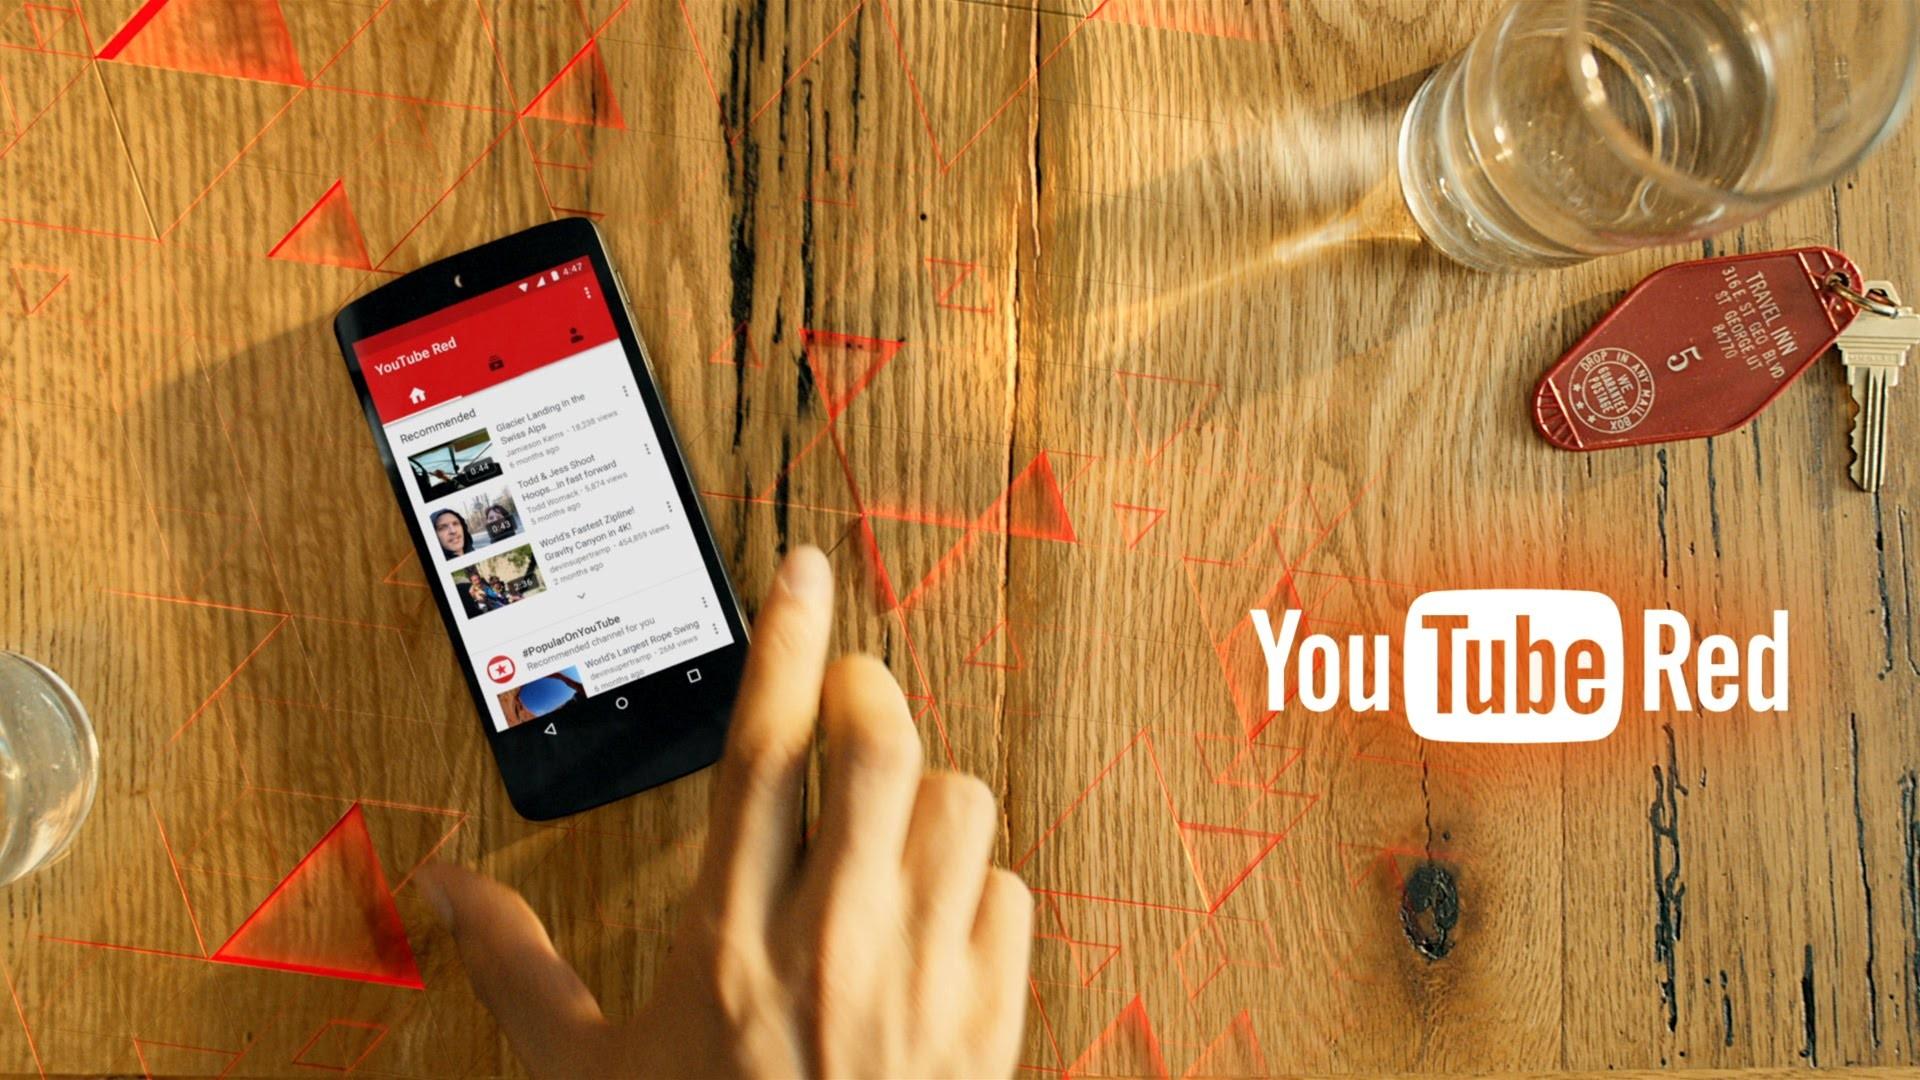 Подписку YouTube Red переименуют в YouTube Premium